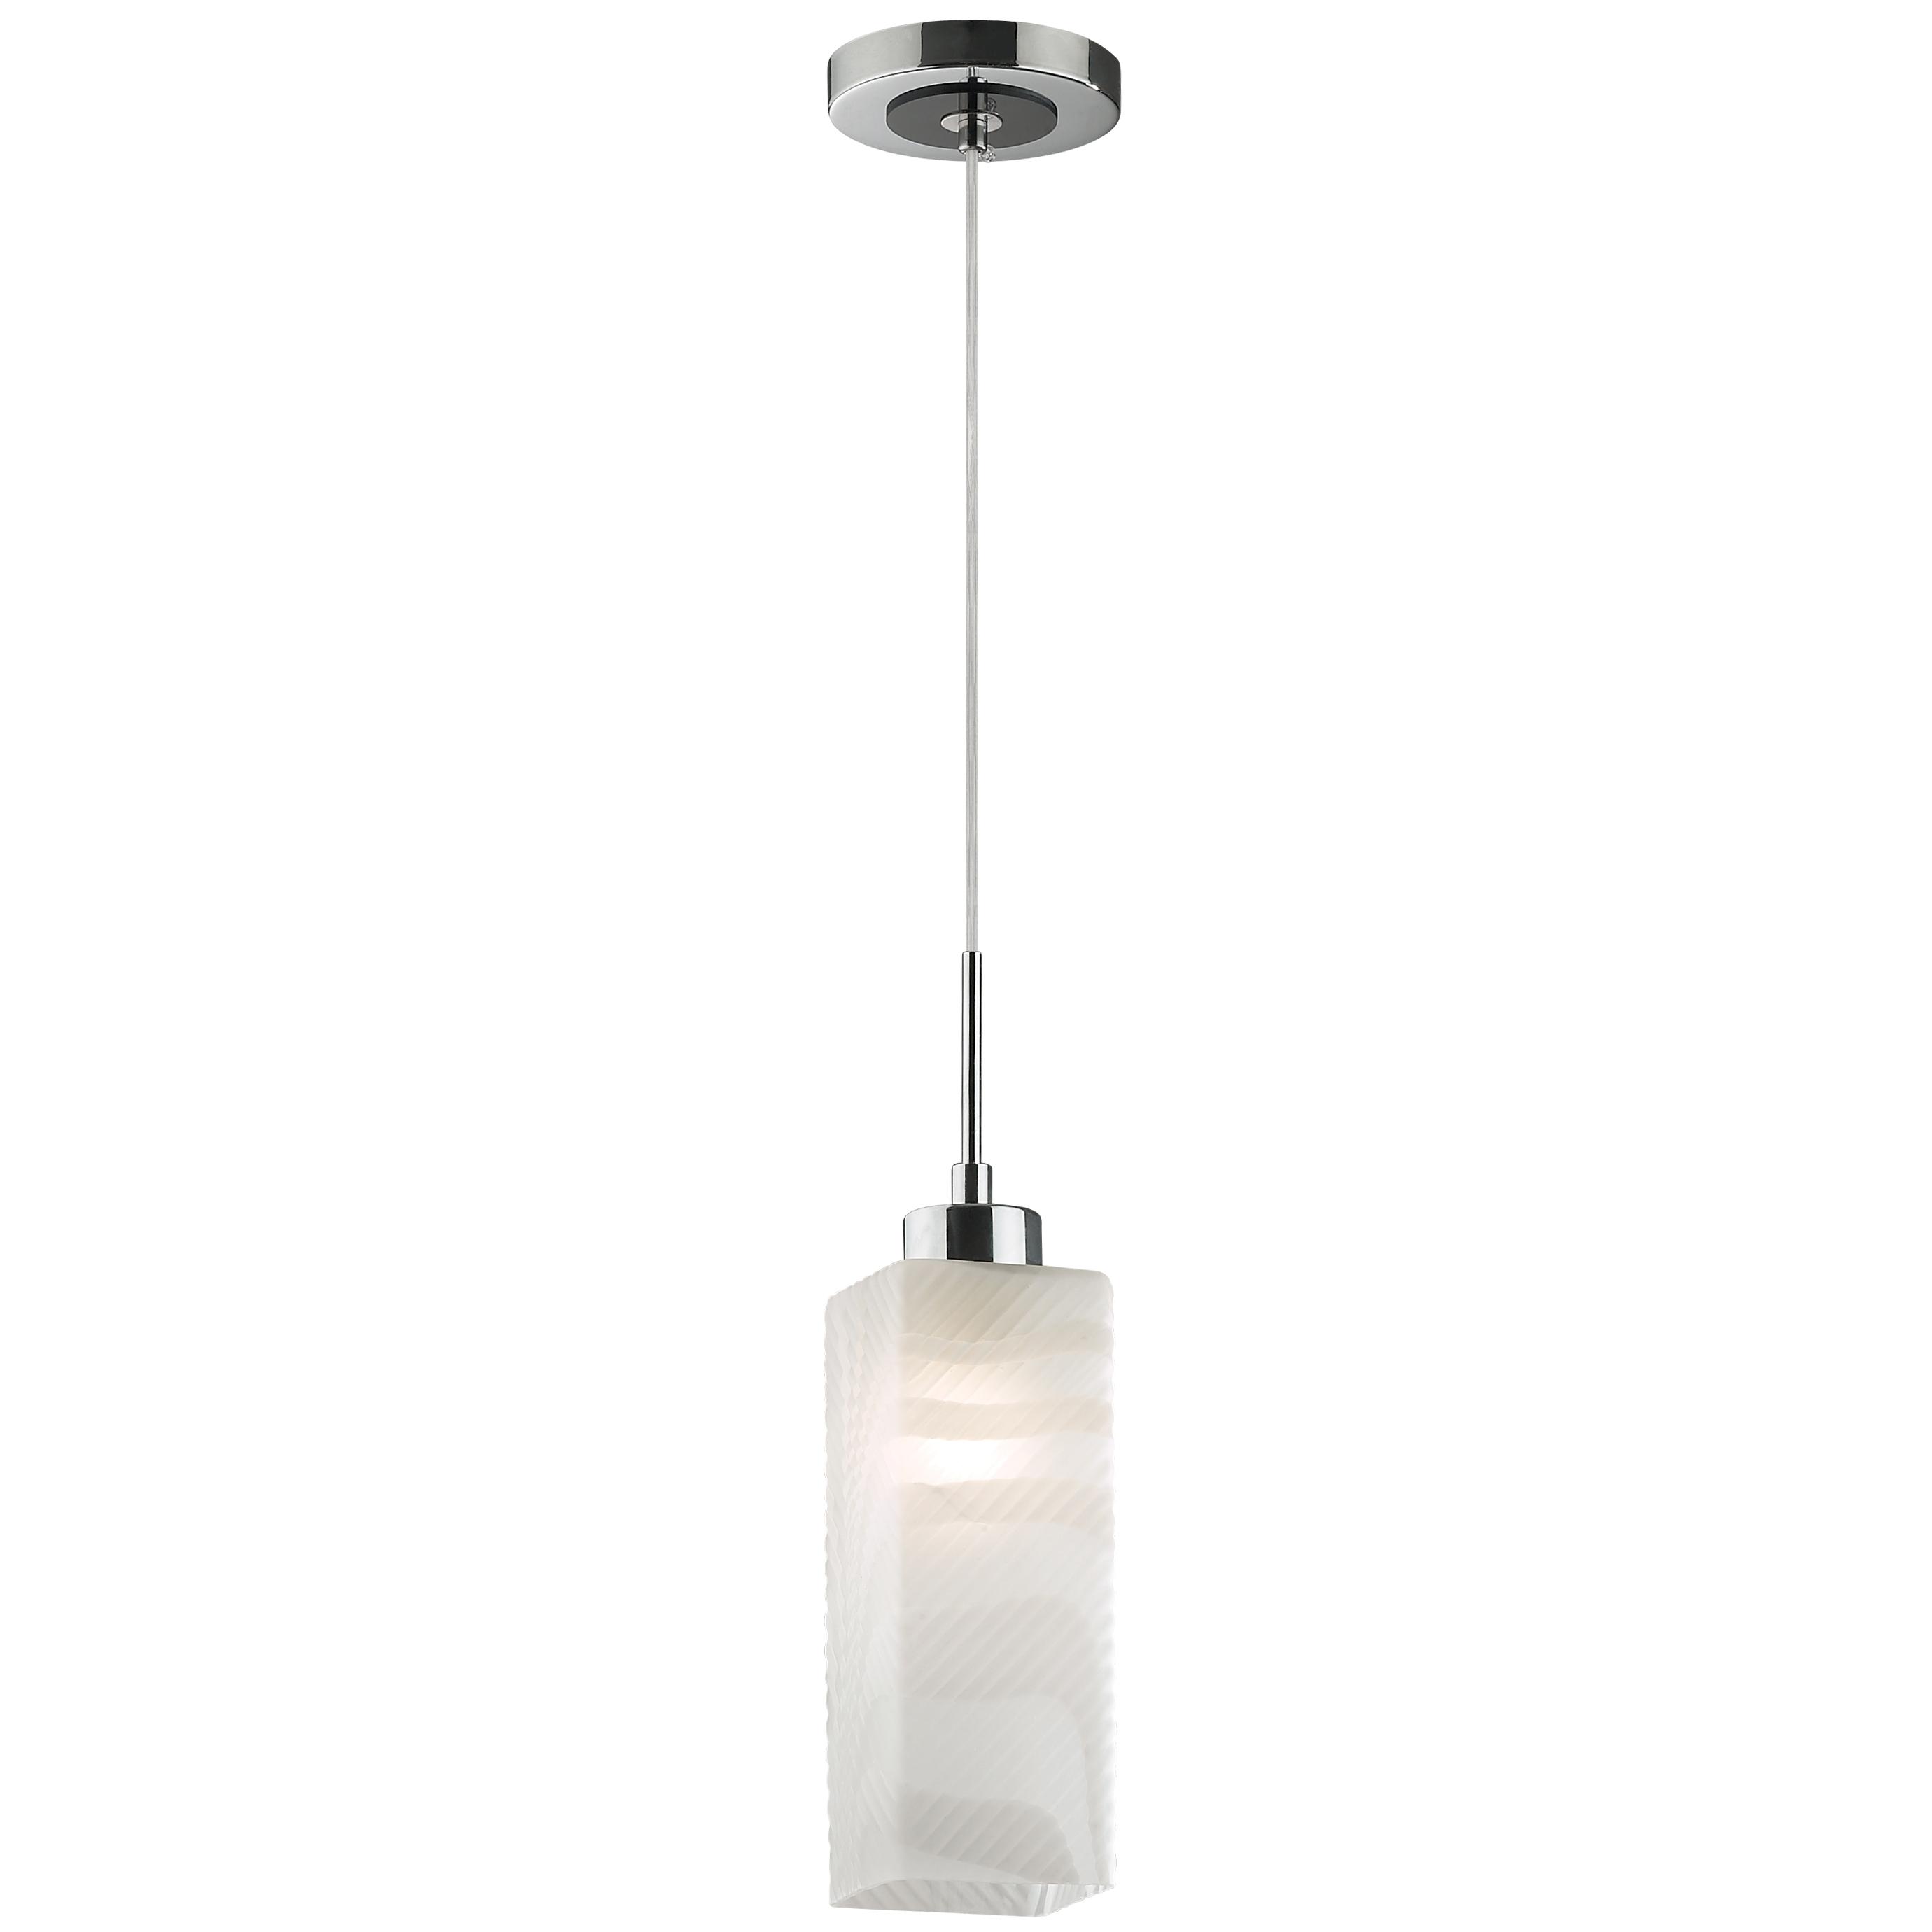 Светильник подвесной Odeon light 2285/1b